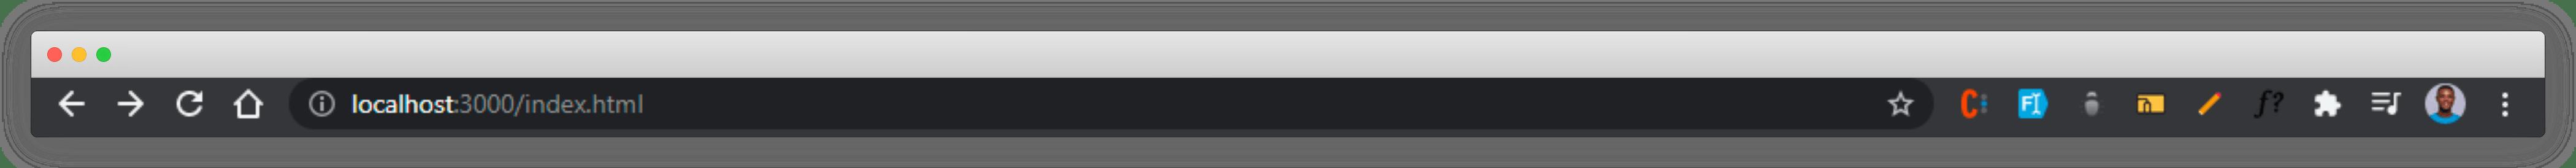 frame_generic_light (9).png